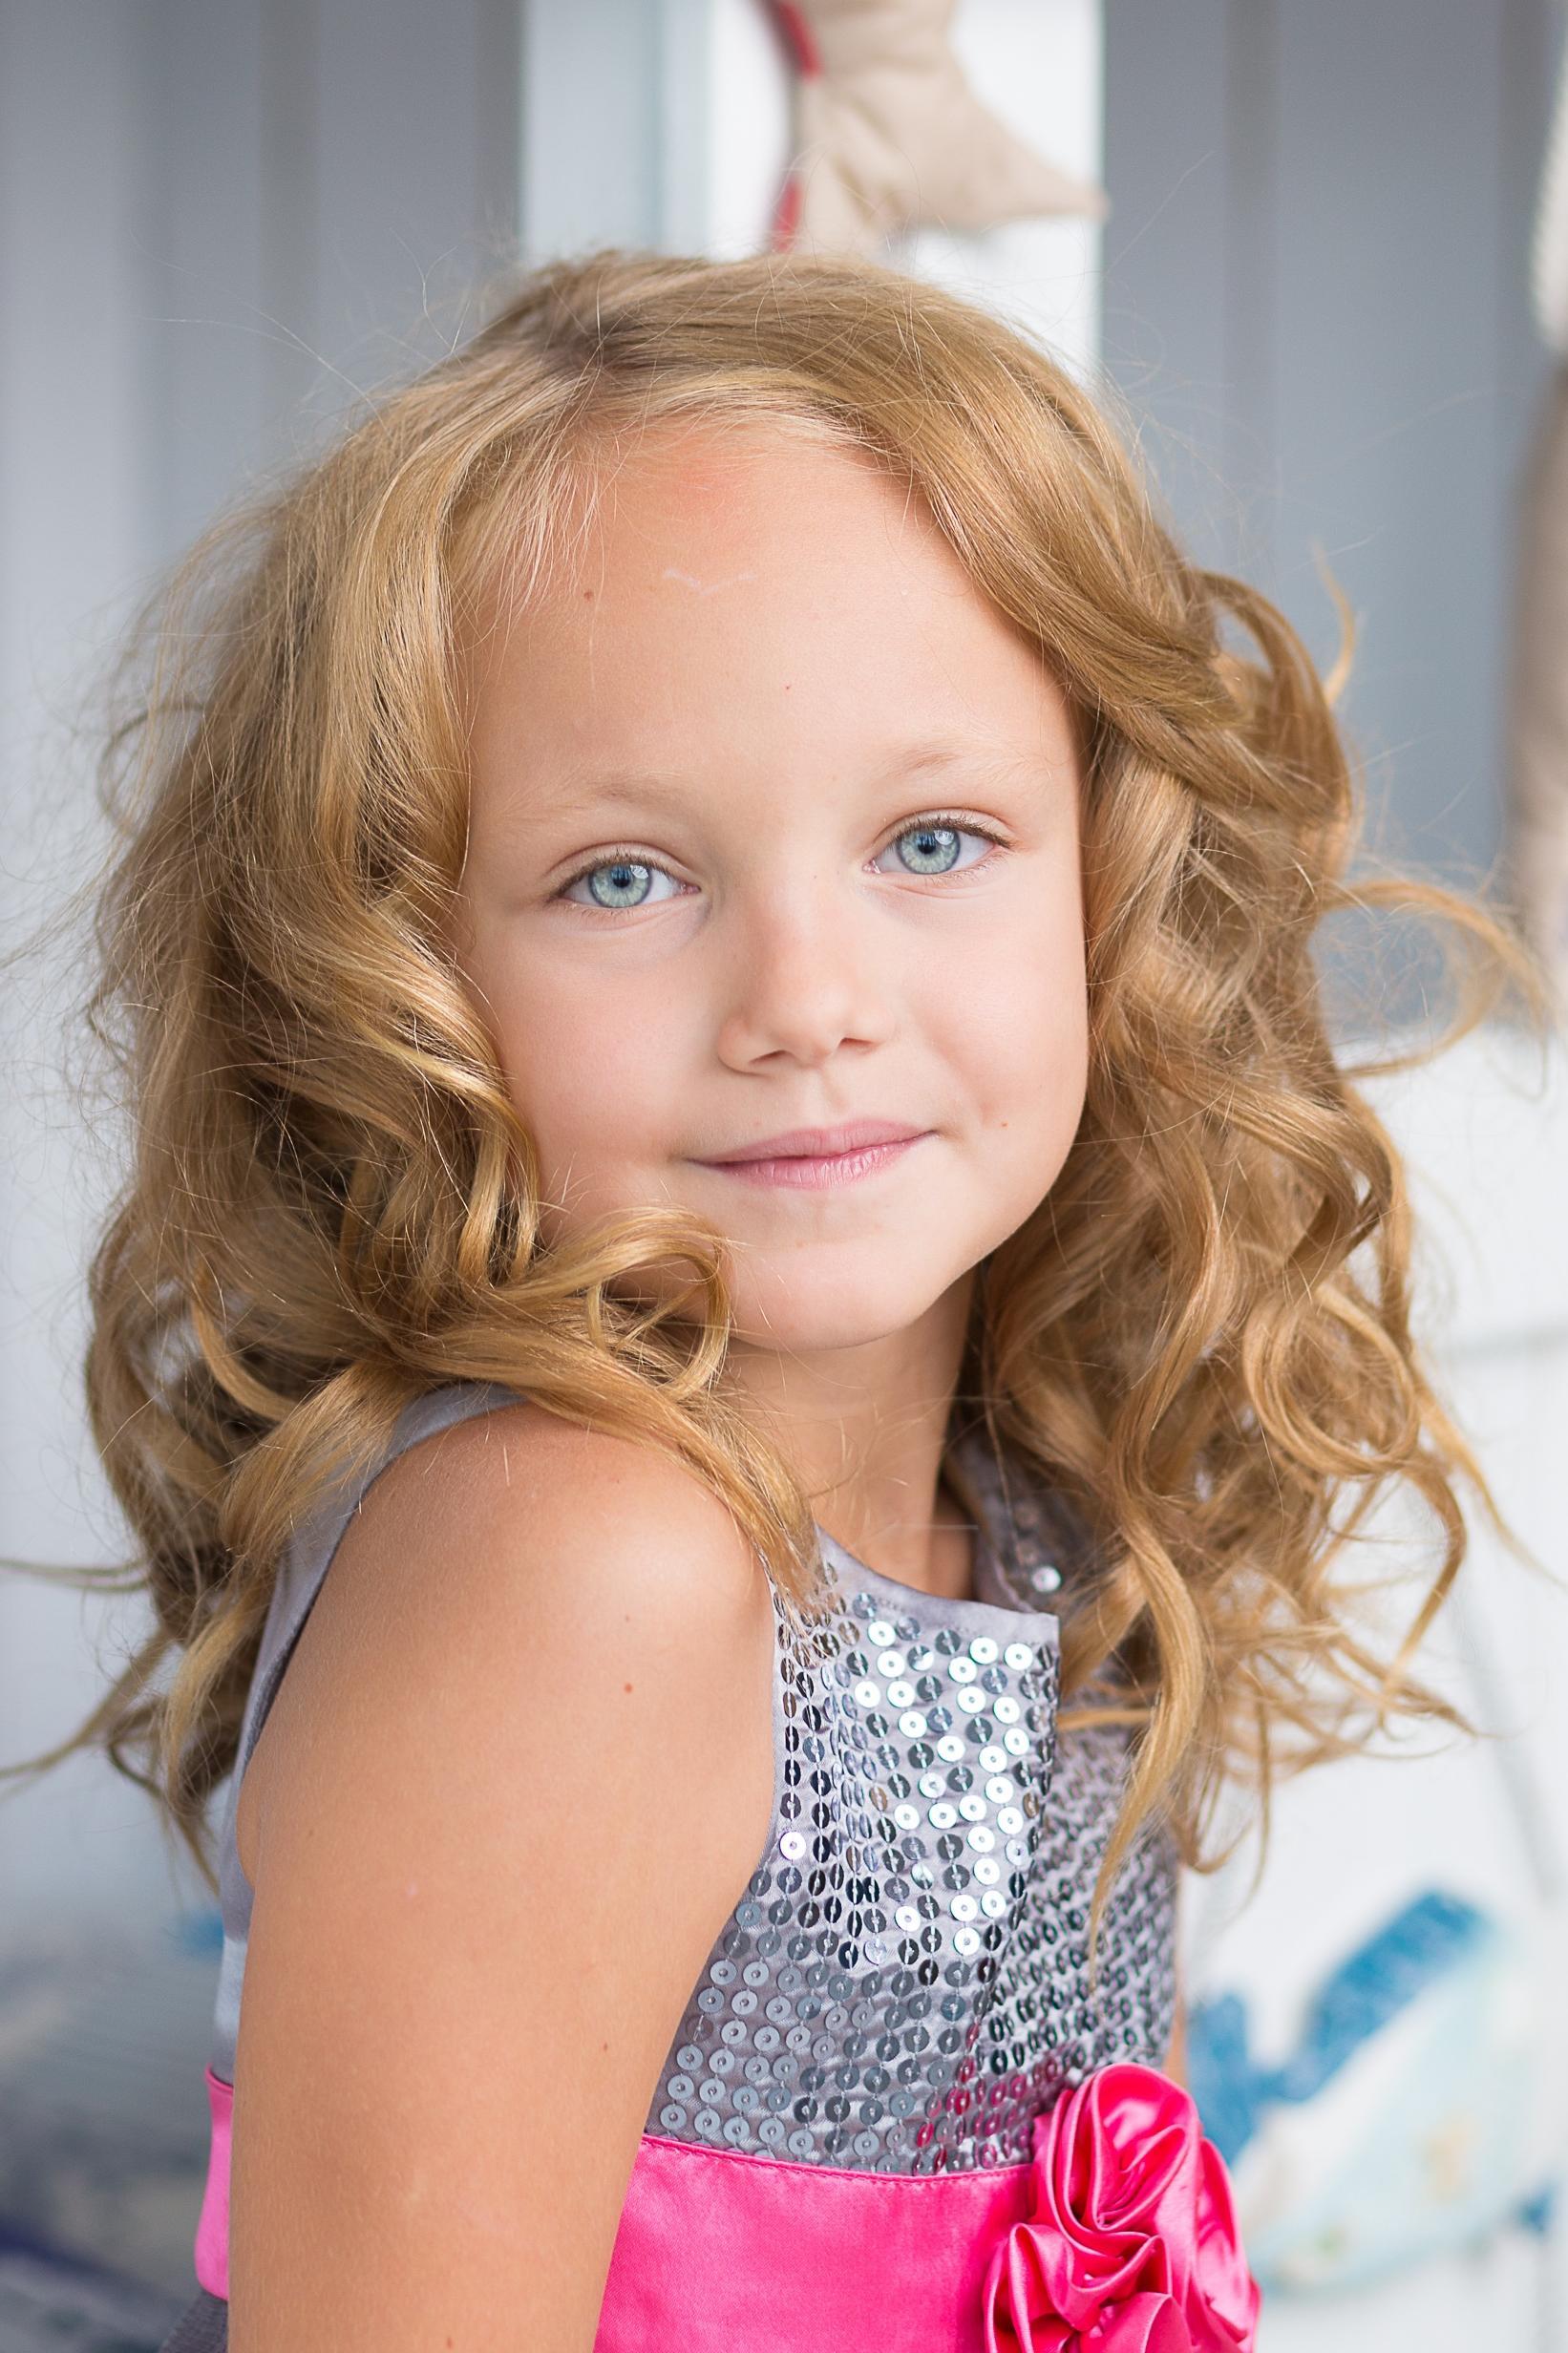 free picture: child, cute, girl, pretty, portrait, attractive, person